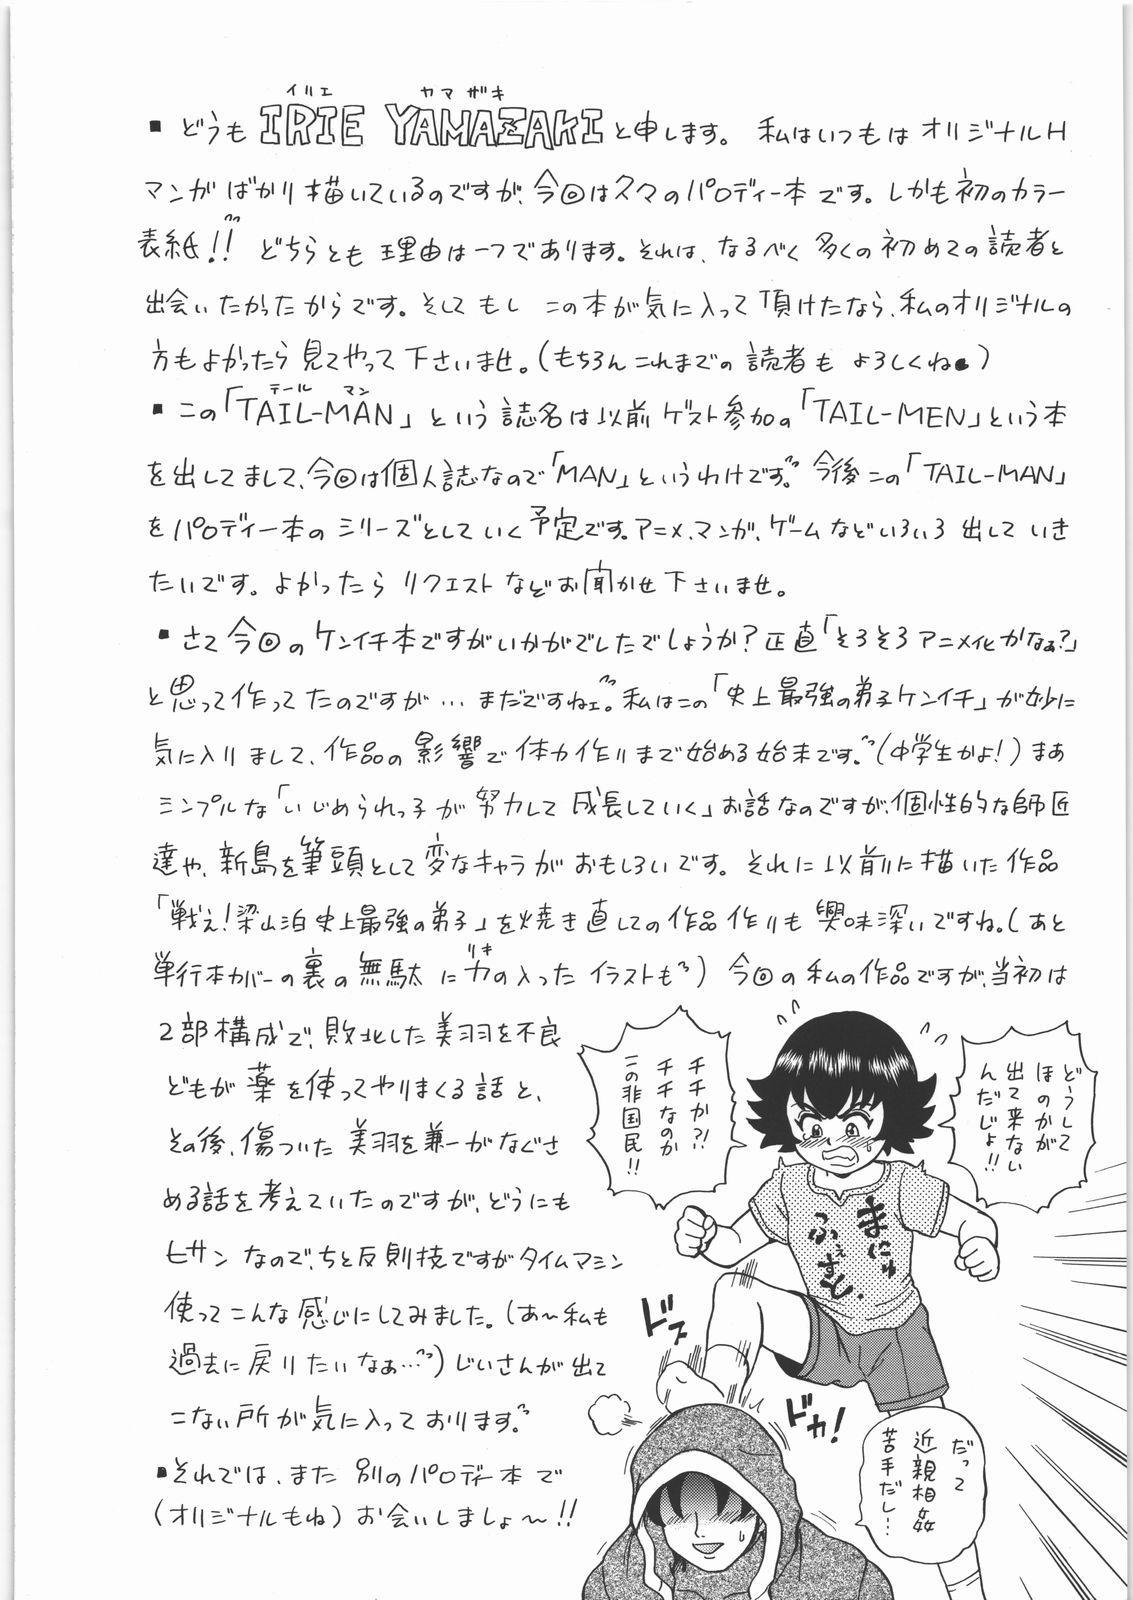 TAIL-MAN MIU FUURINGI BOOK 40